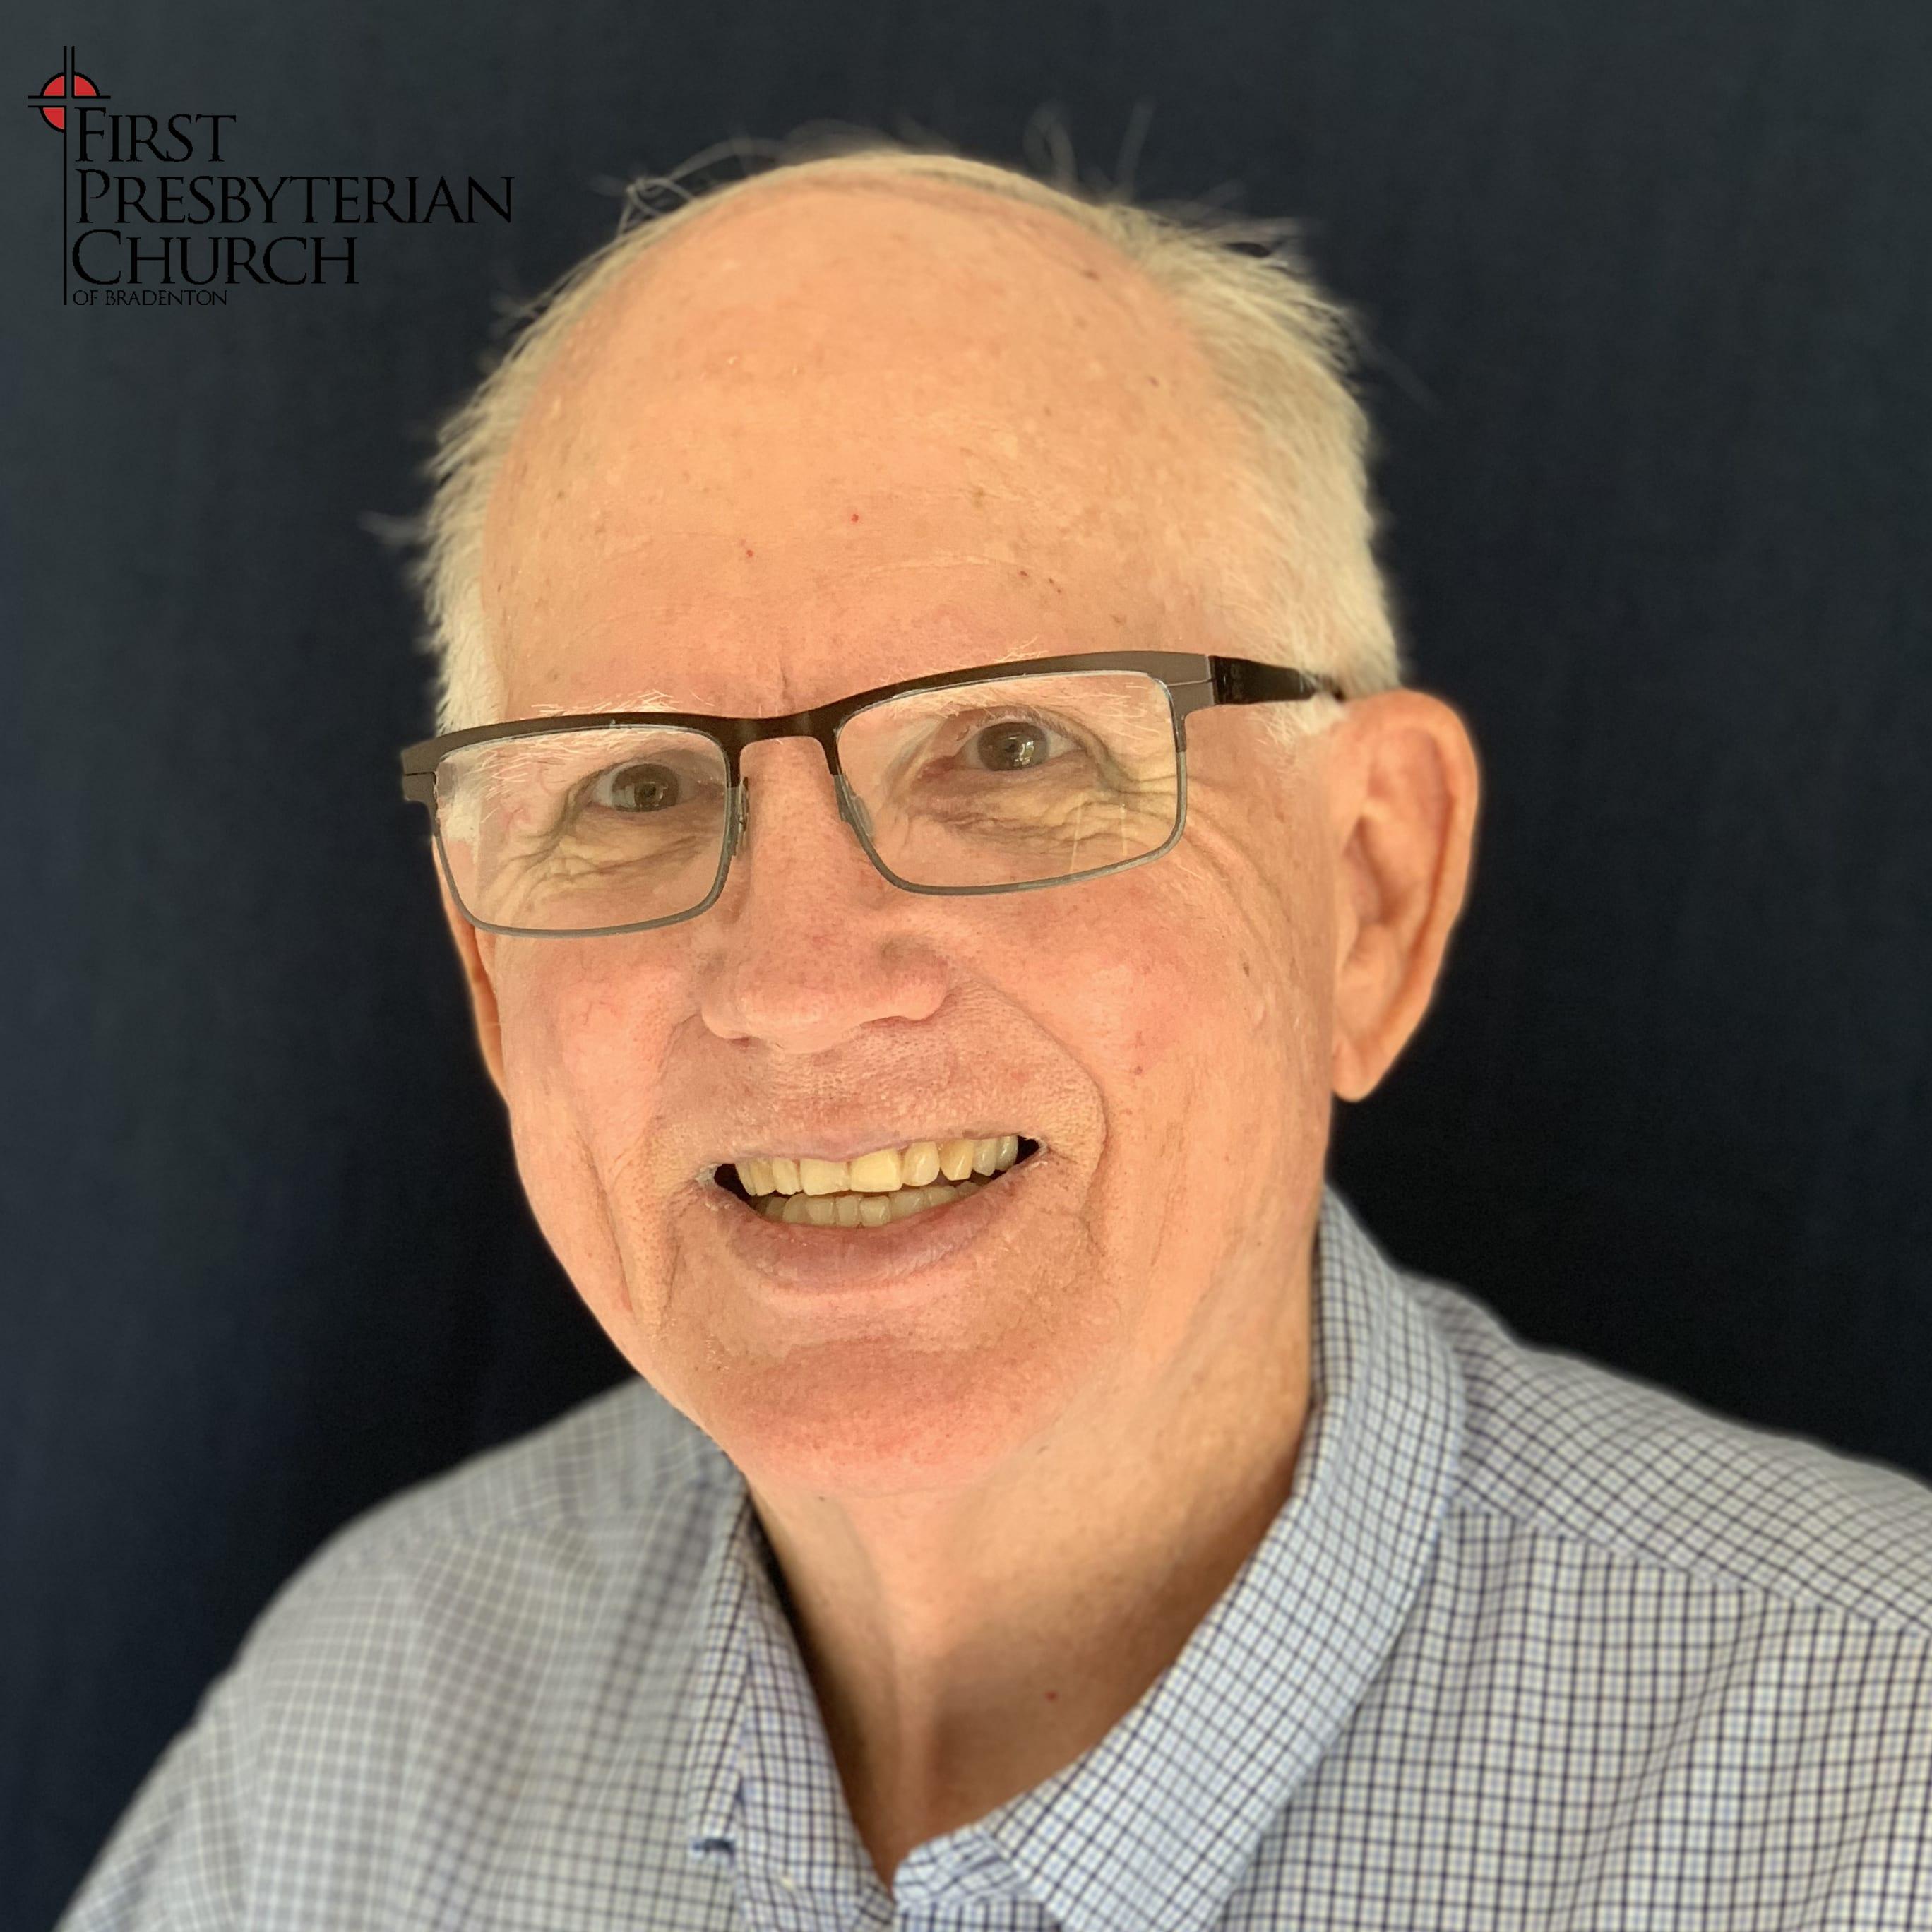 Rev. Dr. Lewis Trotter